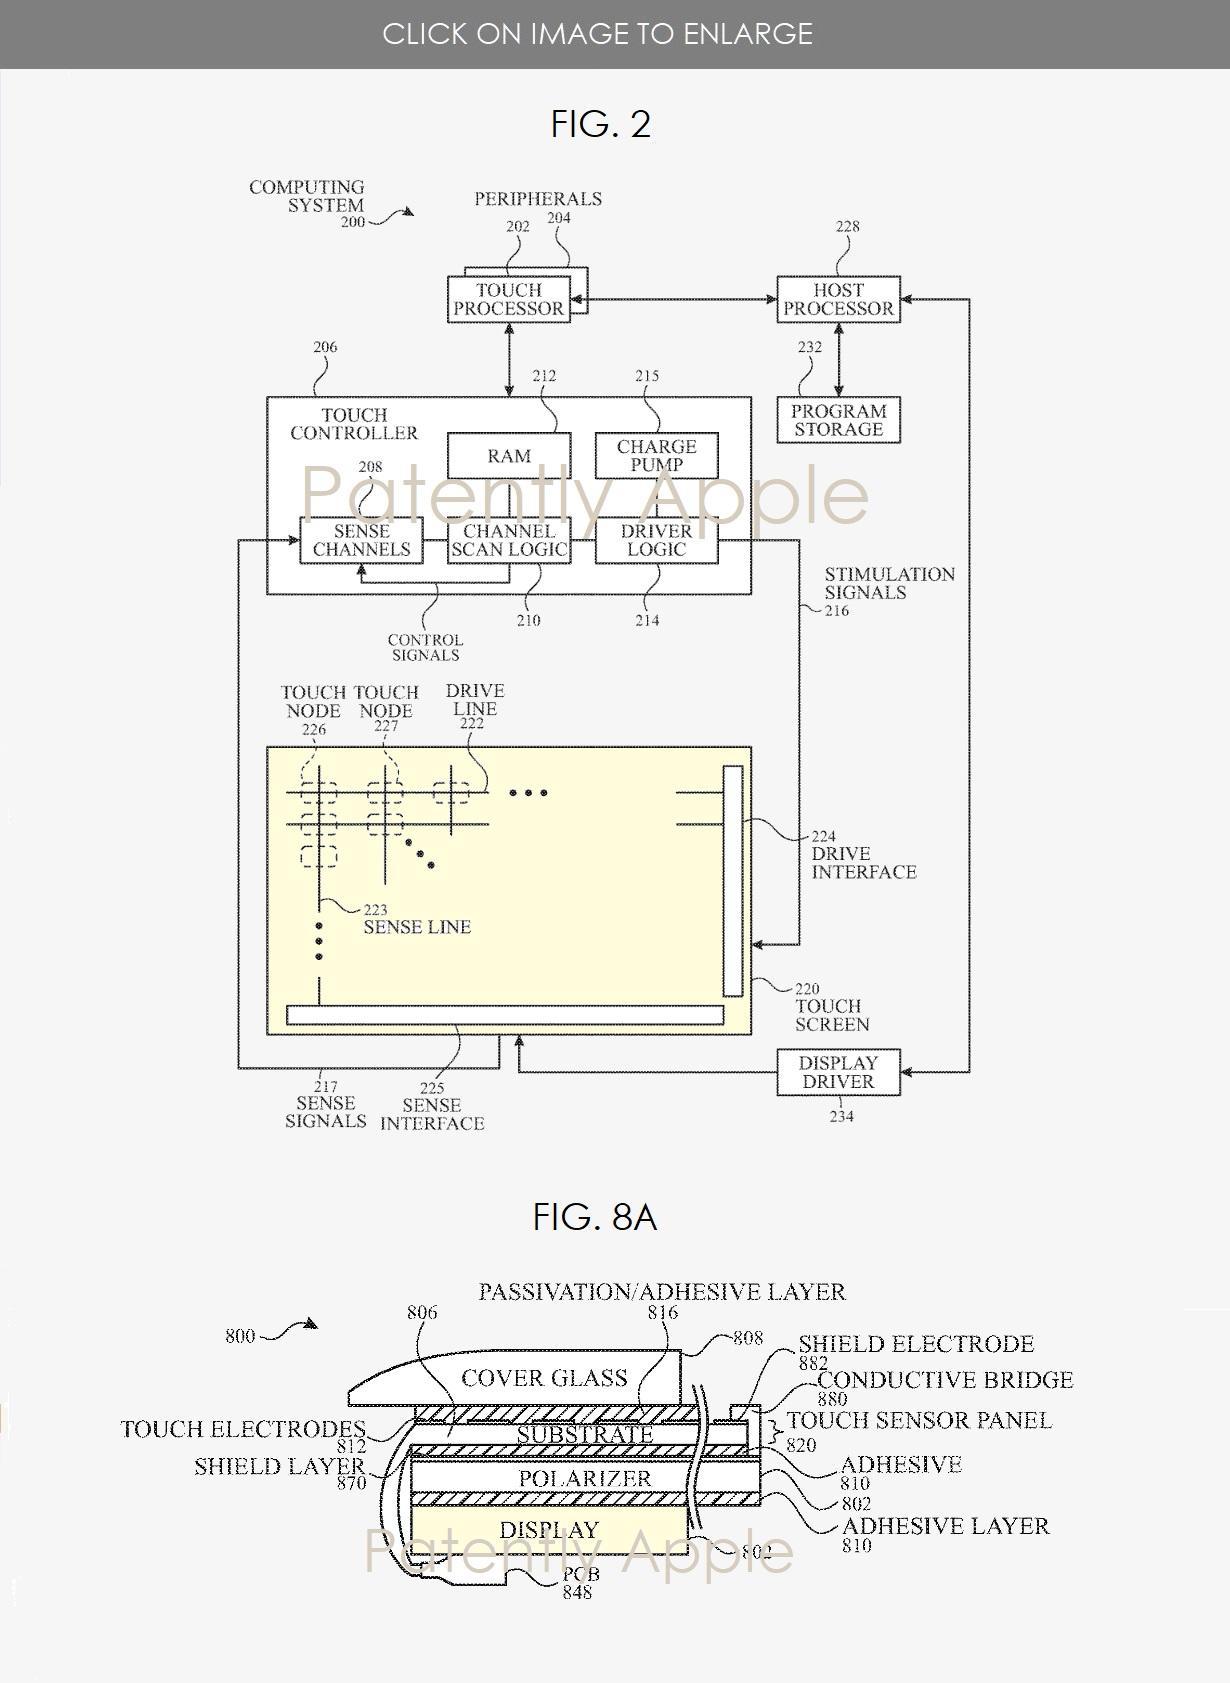 Apple ha ideato un sensore touch ultra-sottile che permetterà di migliorare anche i display